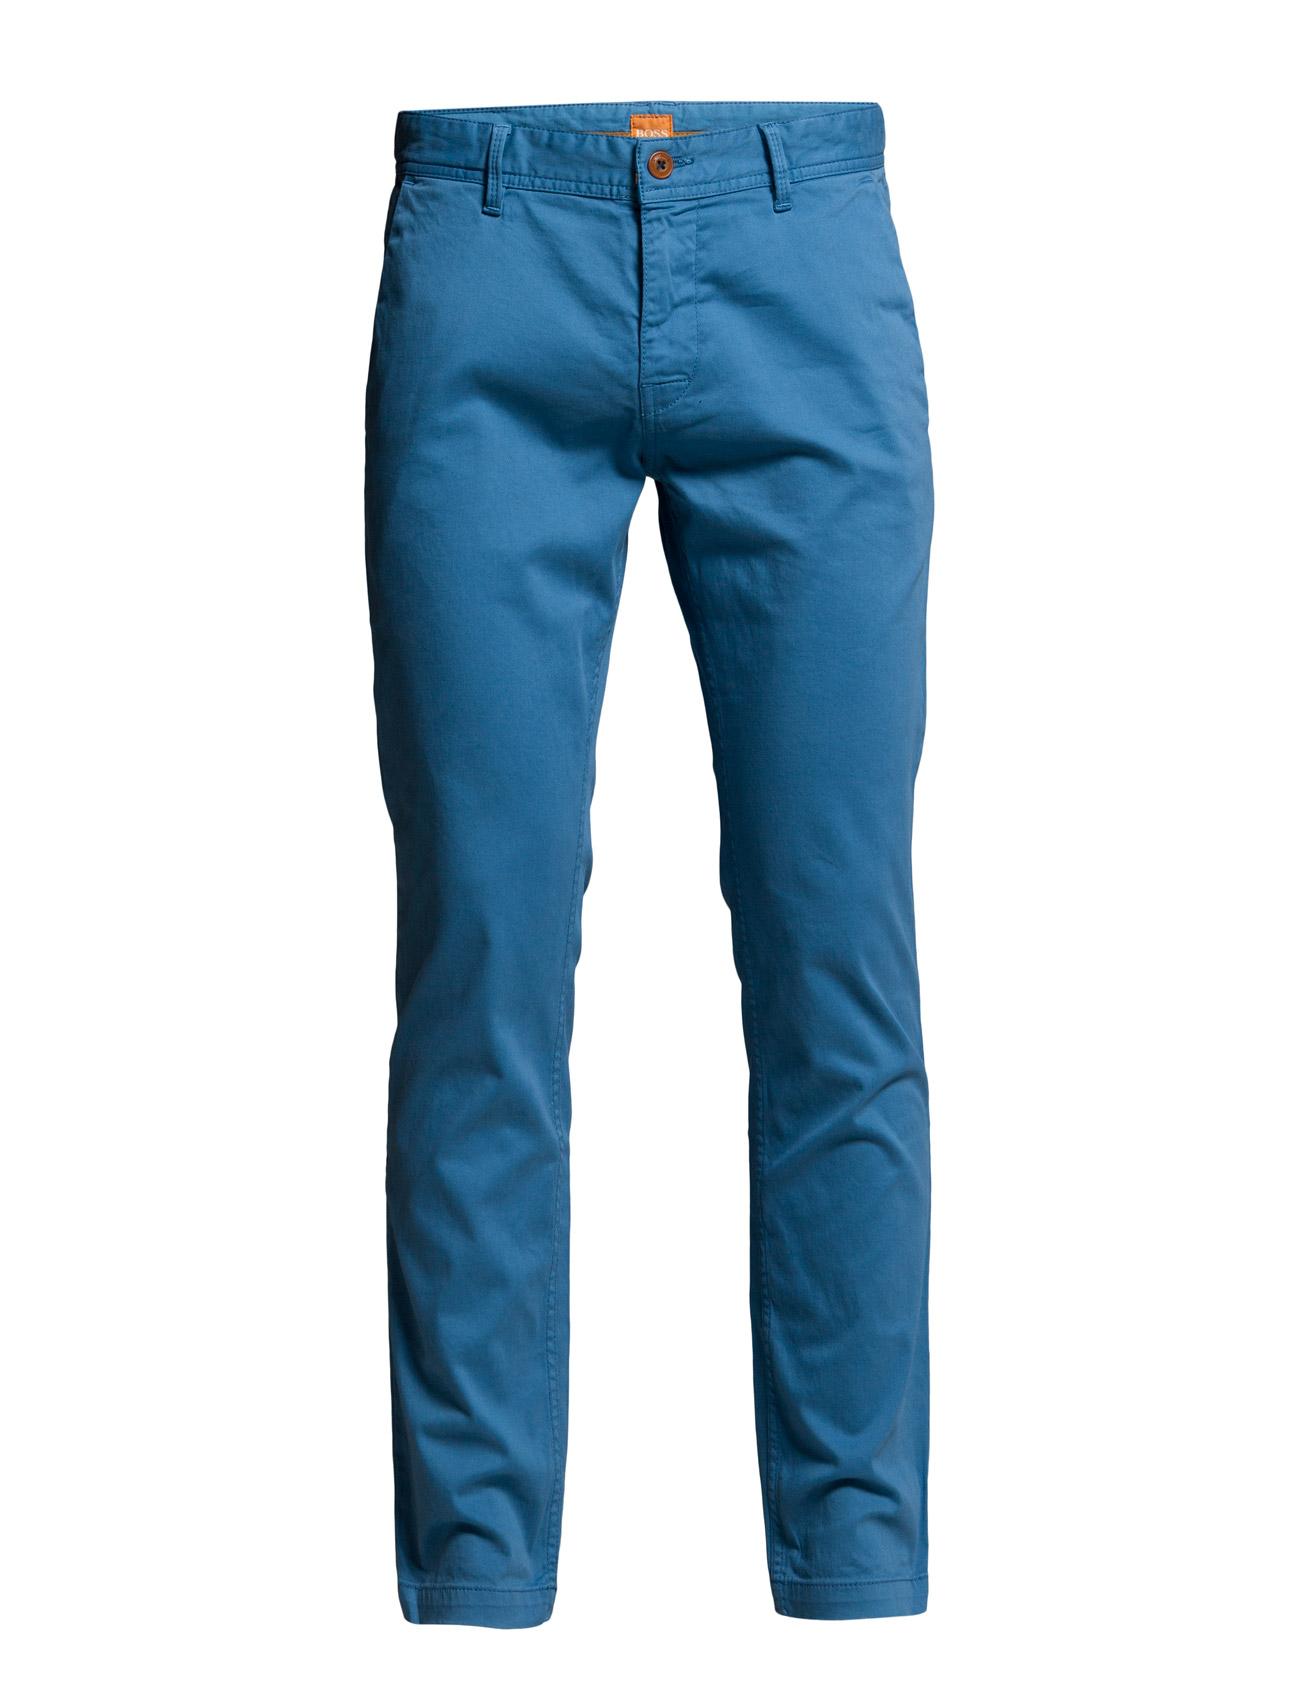 Schino-Slim1-D BOSS Orange Bukser til Mænd i